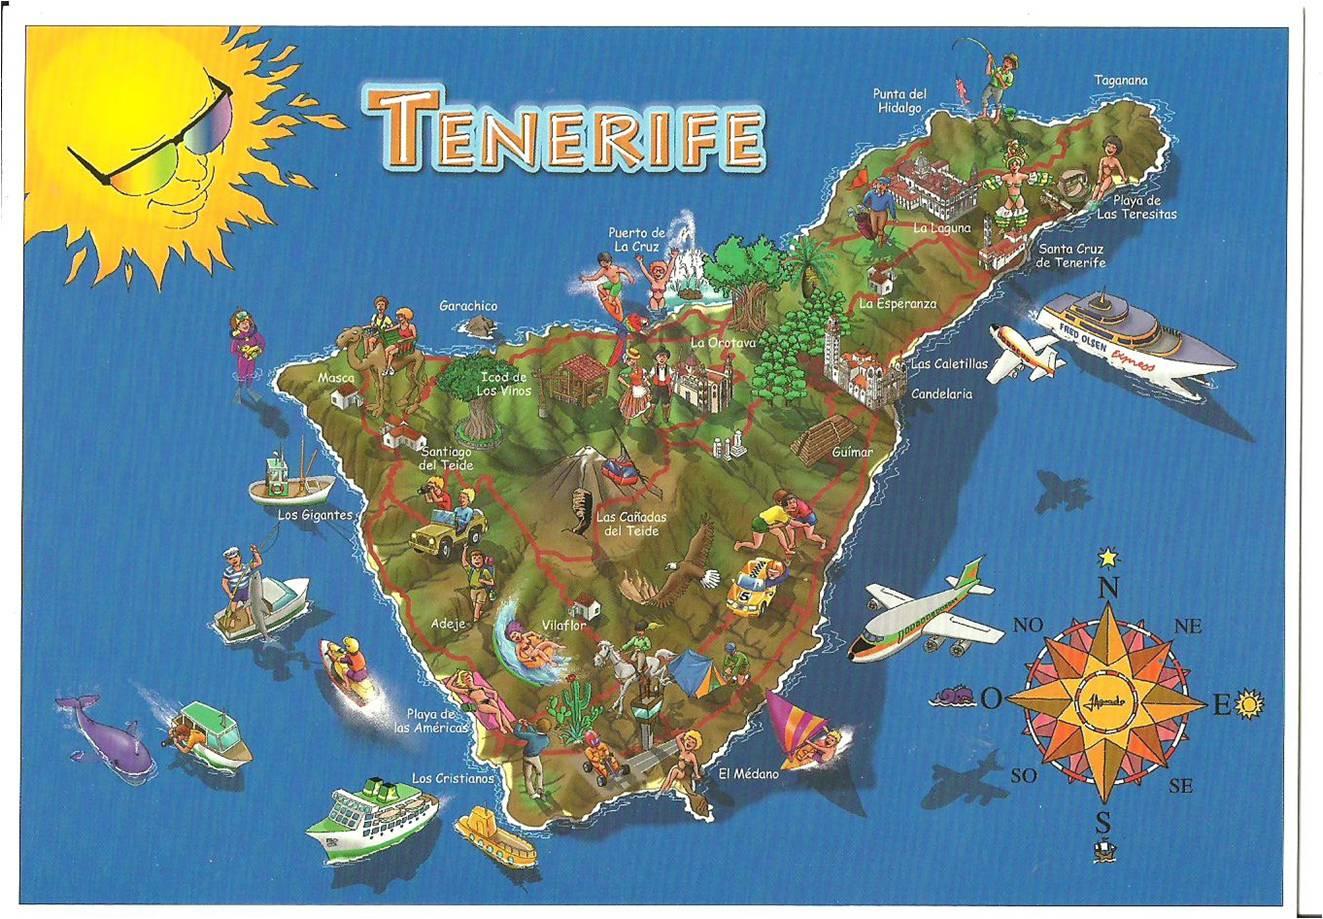 El mapa de Tenerife para organizar tu recorrido